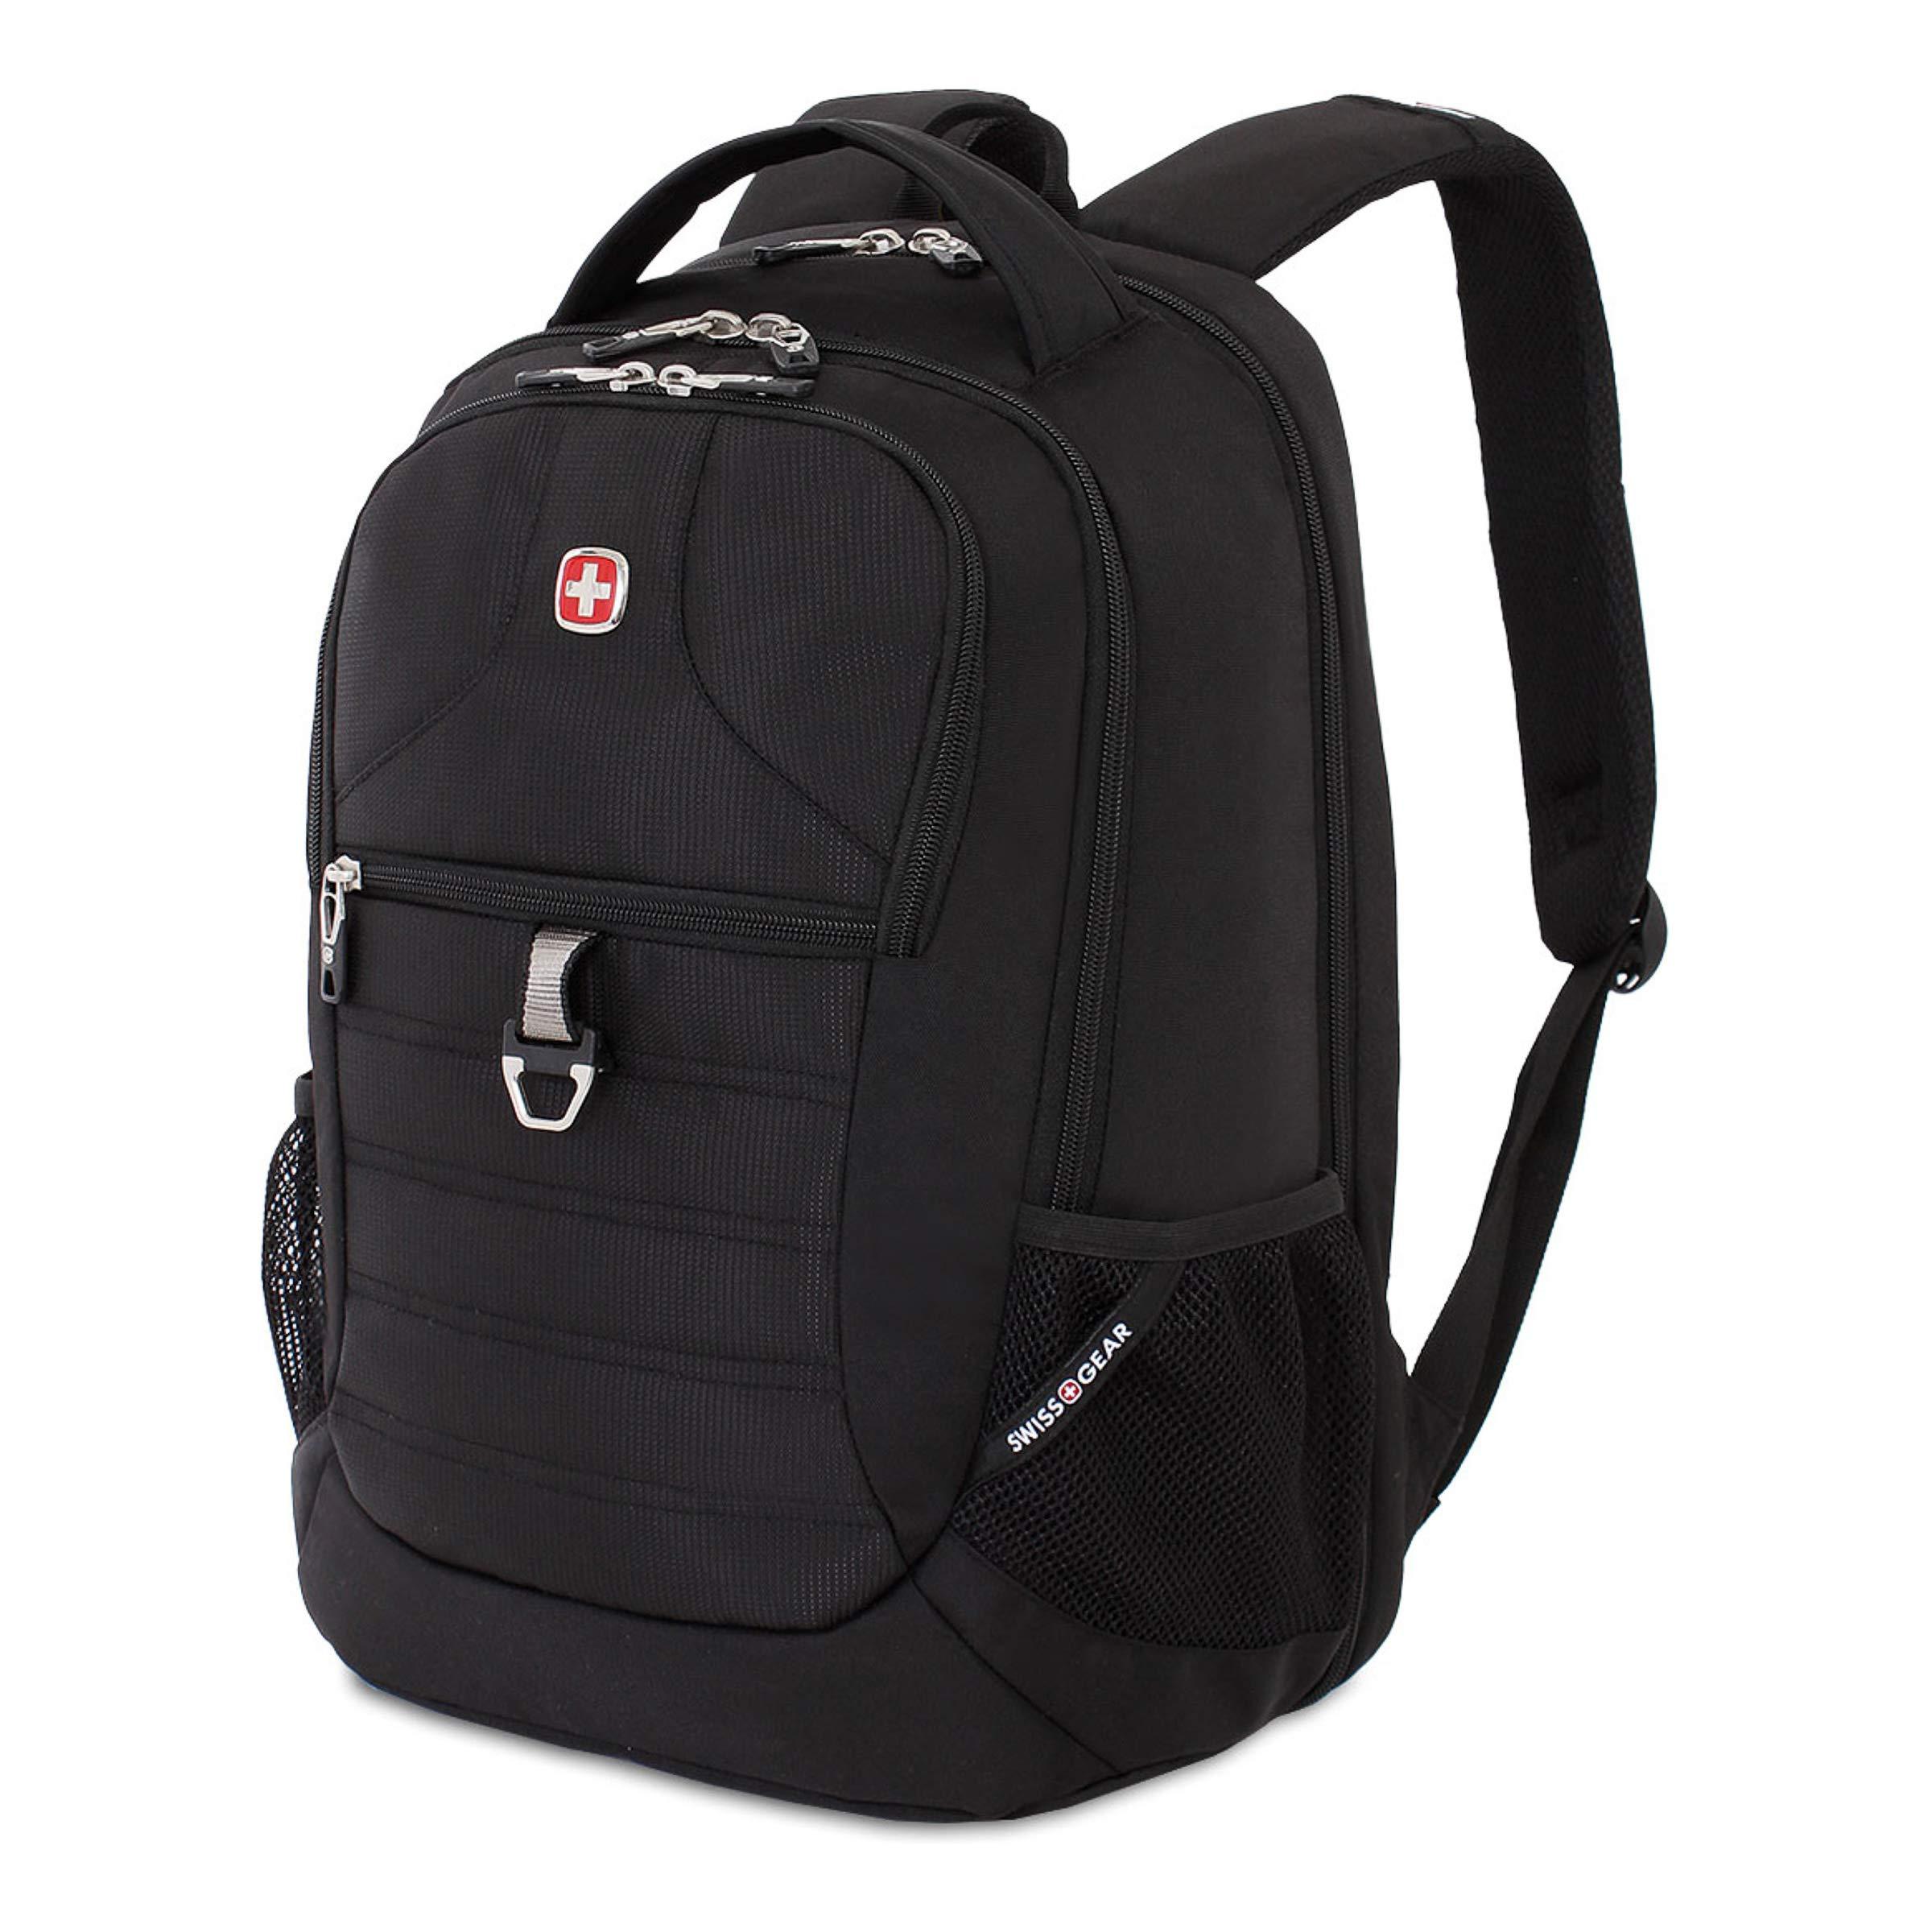 SWISSGEAR 5888 Large, Padded, ScanSmart Laptop Backpack | TSA-Friendly Carry-on | Travel, Work, School | Men's and Women's - Black by Swiss Gear